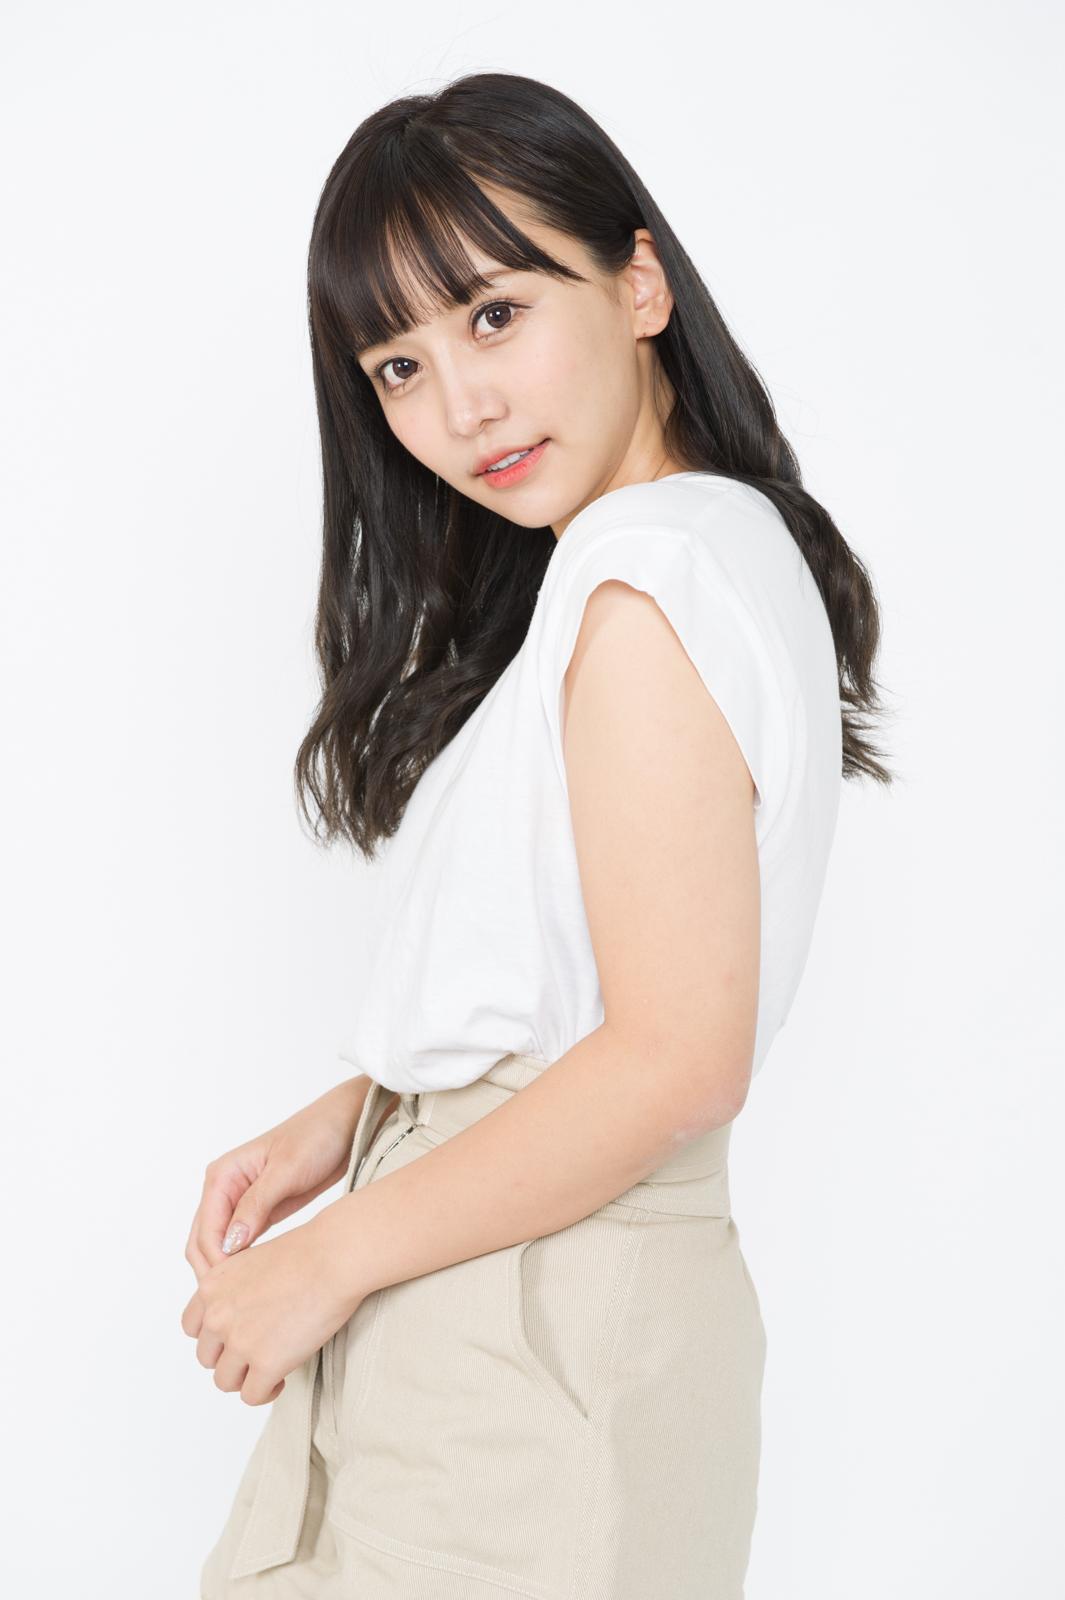 【白倉あや】5月第3週《5/13(月)~5/19(土)》 TV出演情報